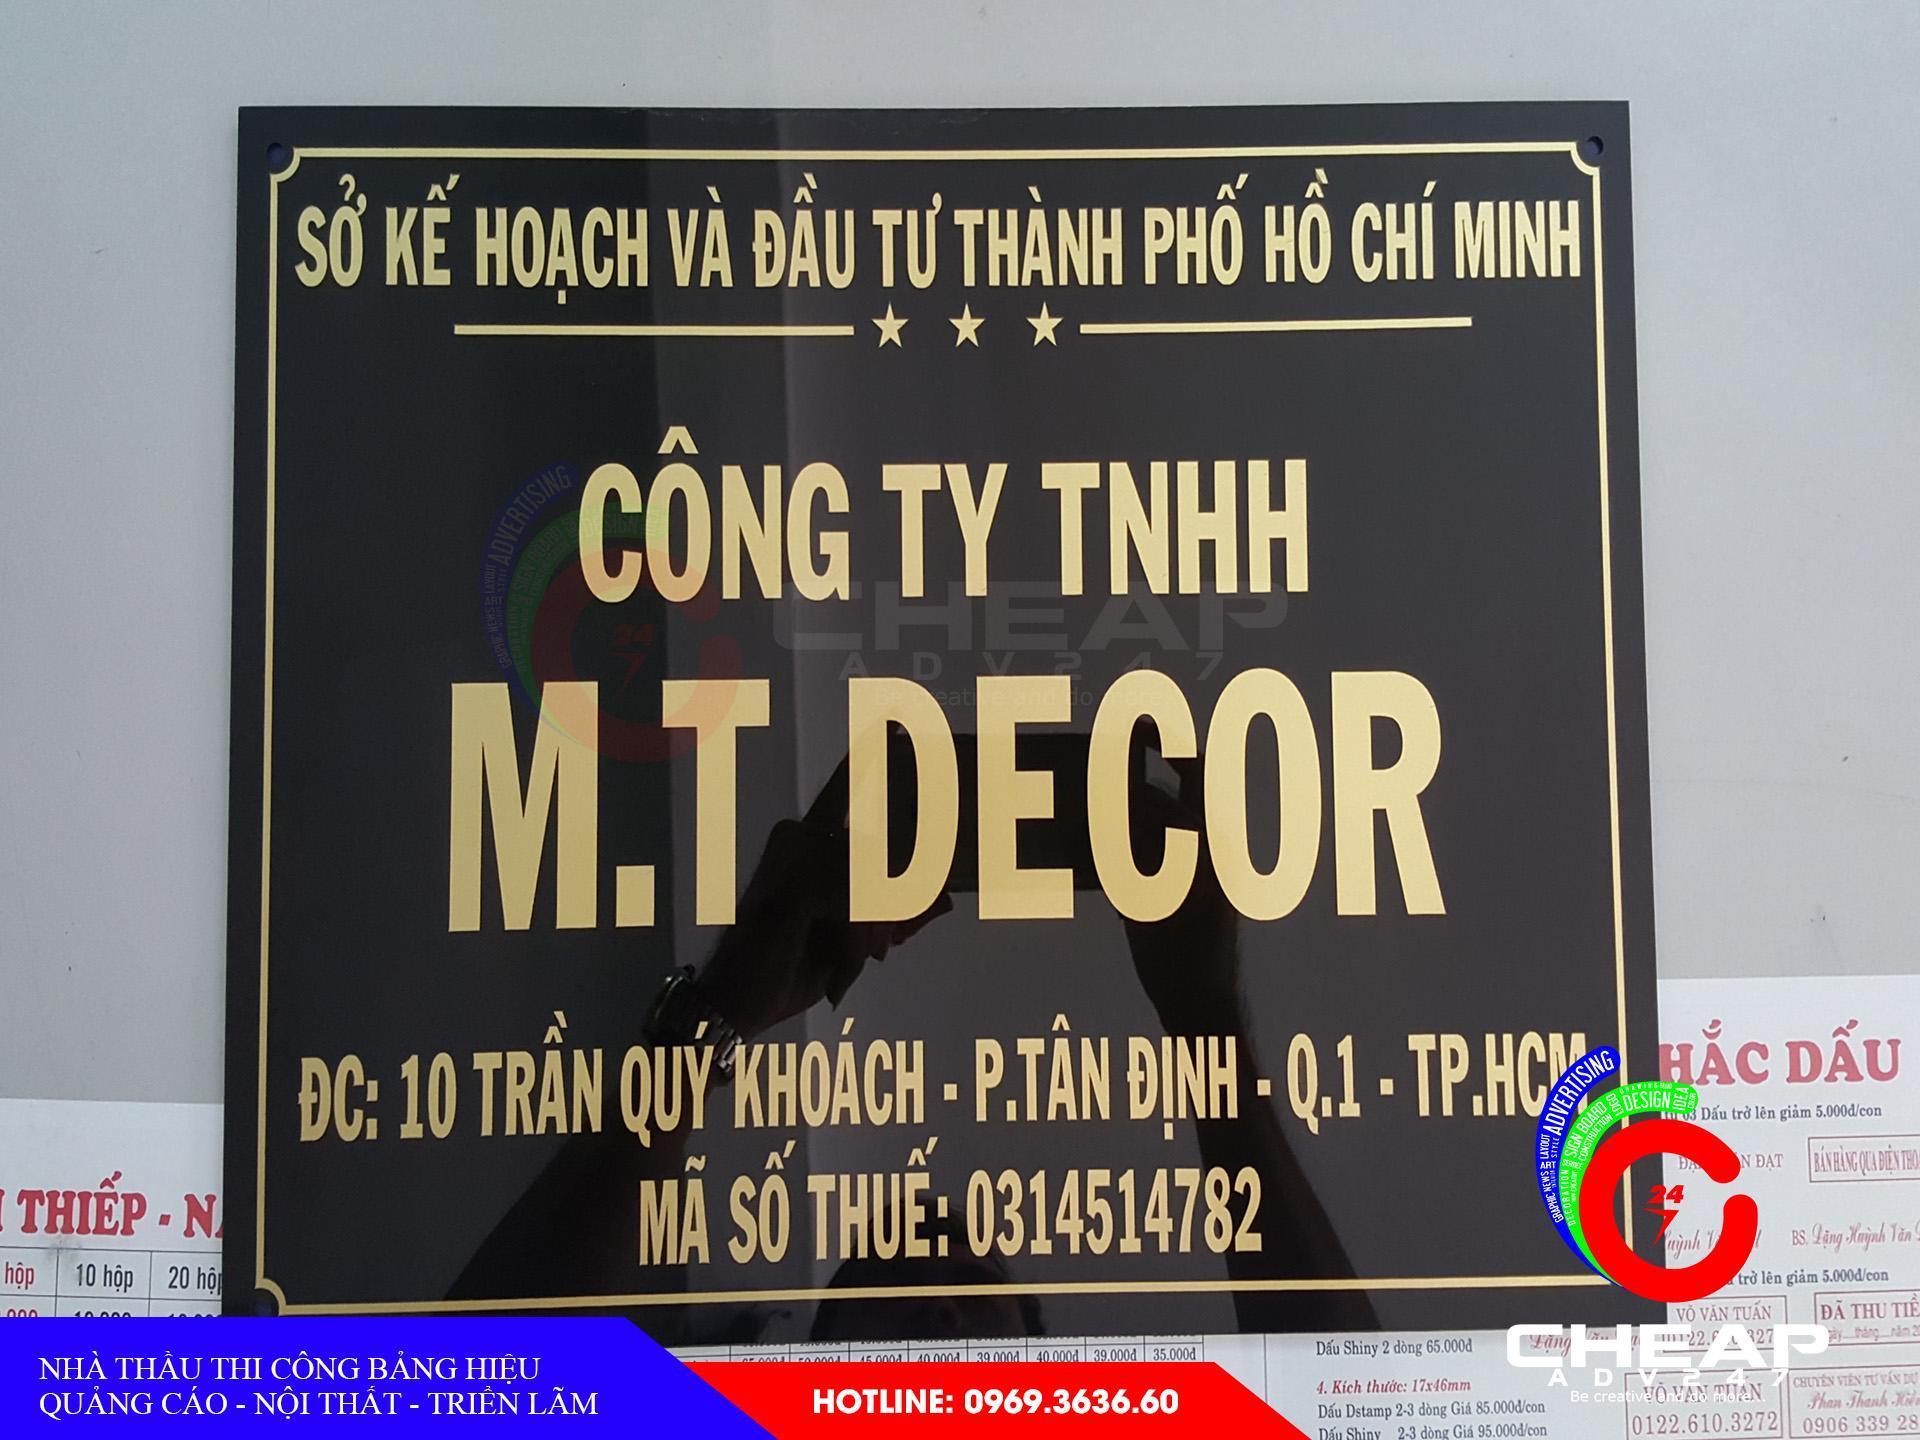 Làm biển hiệu quảng cáo Mica tại cheapadv247